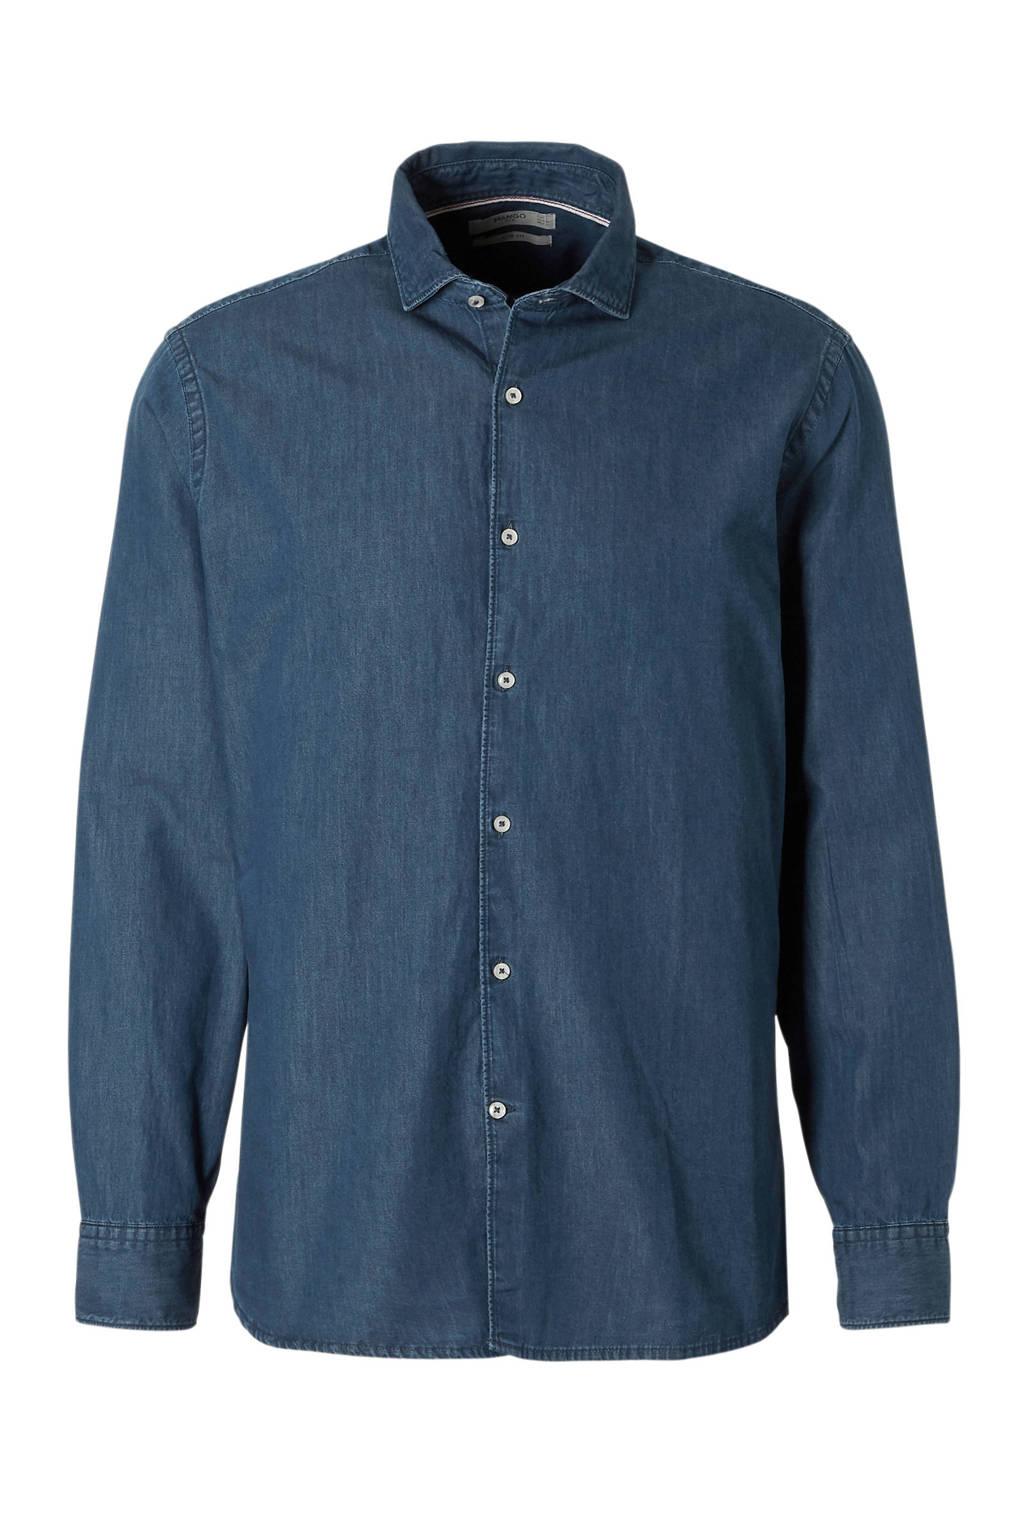 Overhemd Donkerblauw.Mango Man Slim Fit Overhemd Donkerblauw Wehkamp